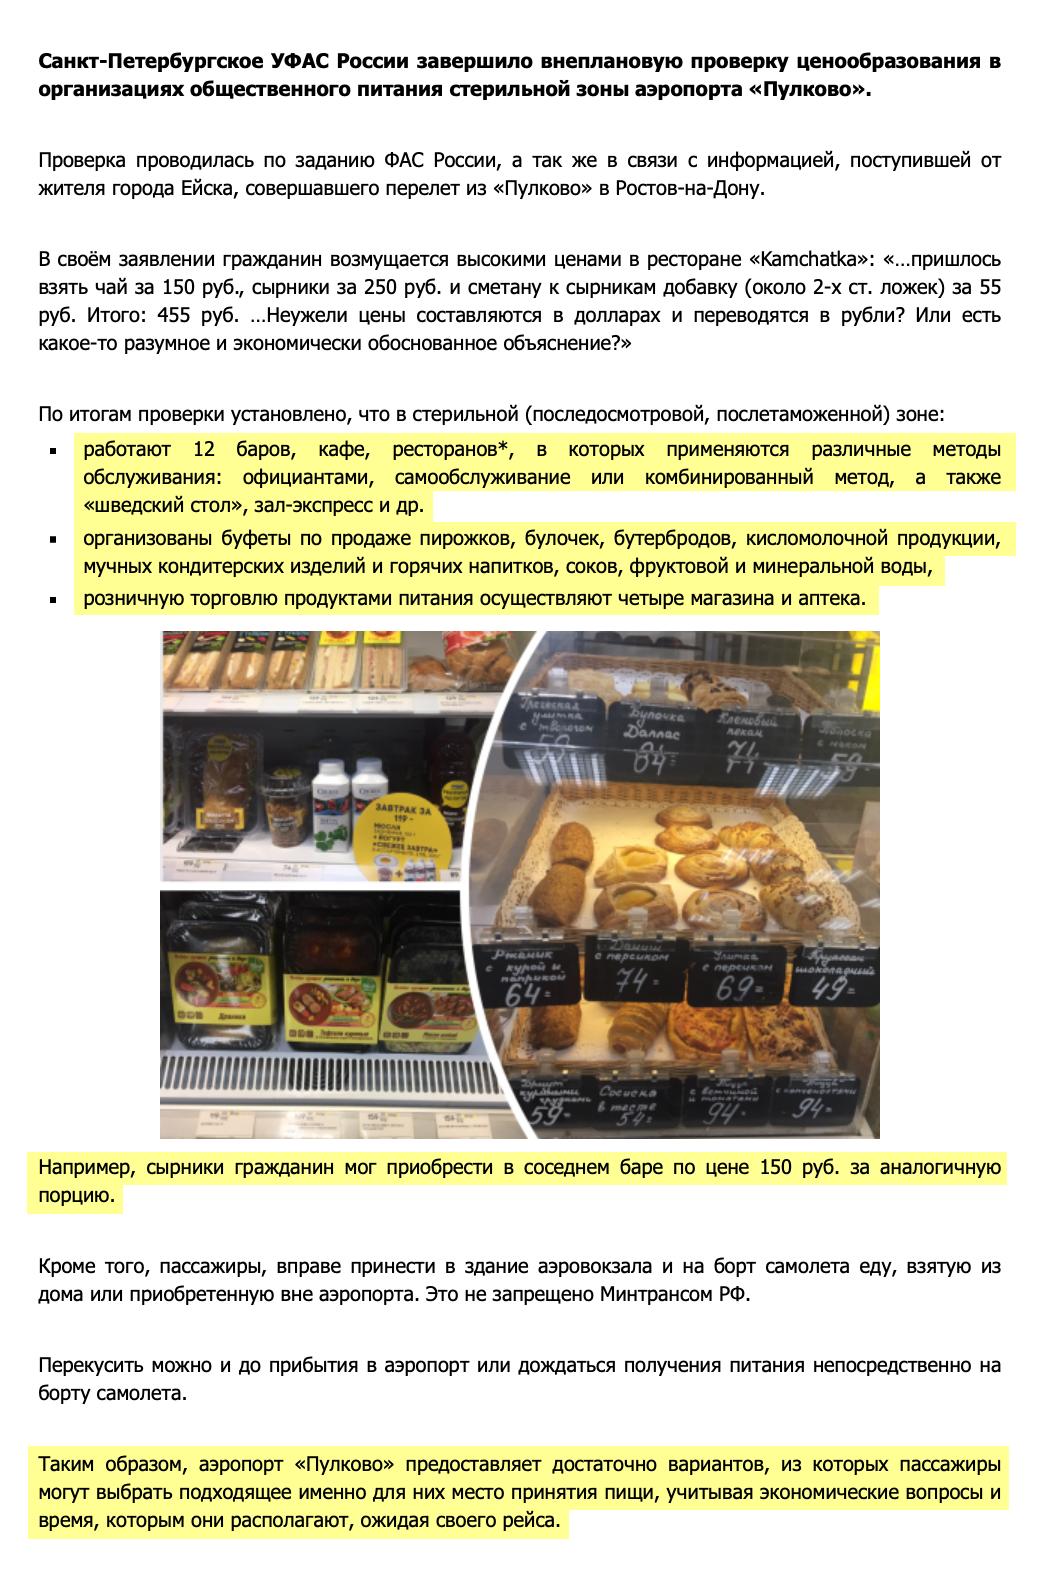 УФАС по результатам проверки сказало, что у пассажиров в Пулкове есть много вариантов перекусить в ожидании рейса